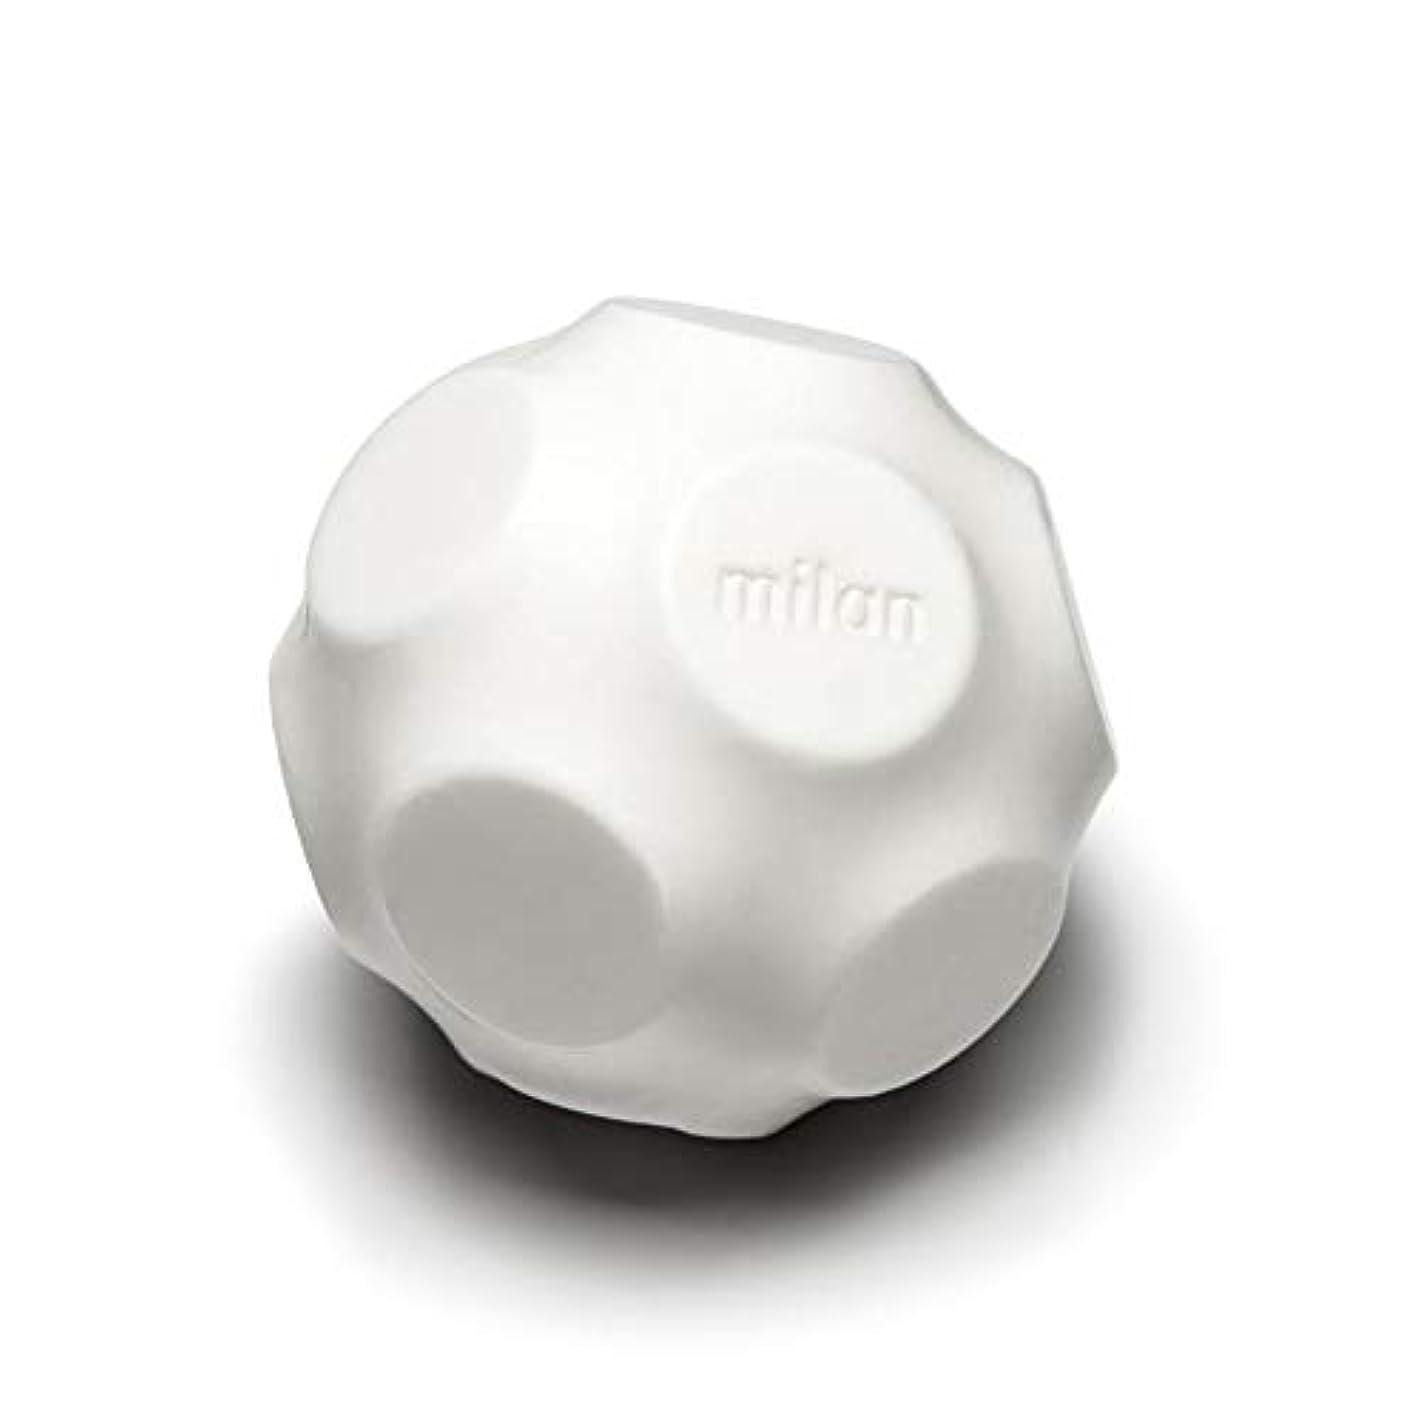 軍隊パキスタン人スローMaison Milan SIMONA ダイヤモンド粉 ホワイト 石鹸